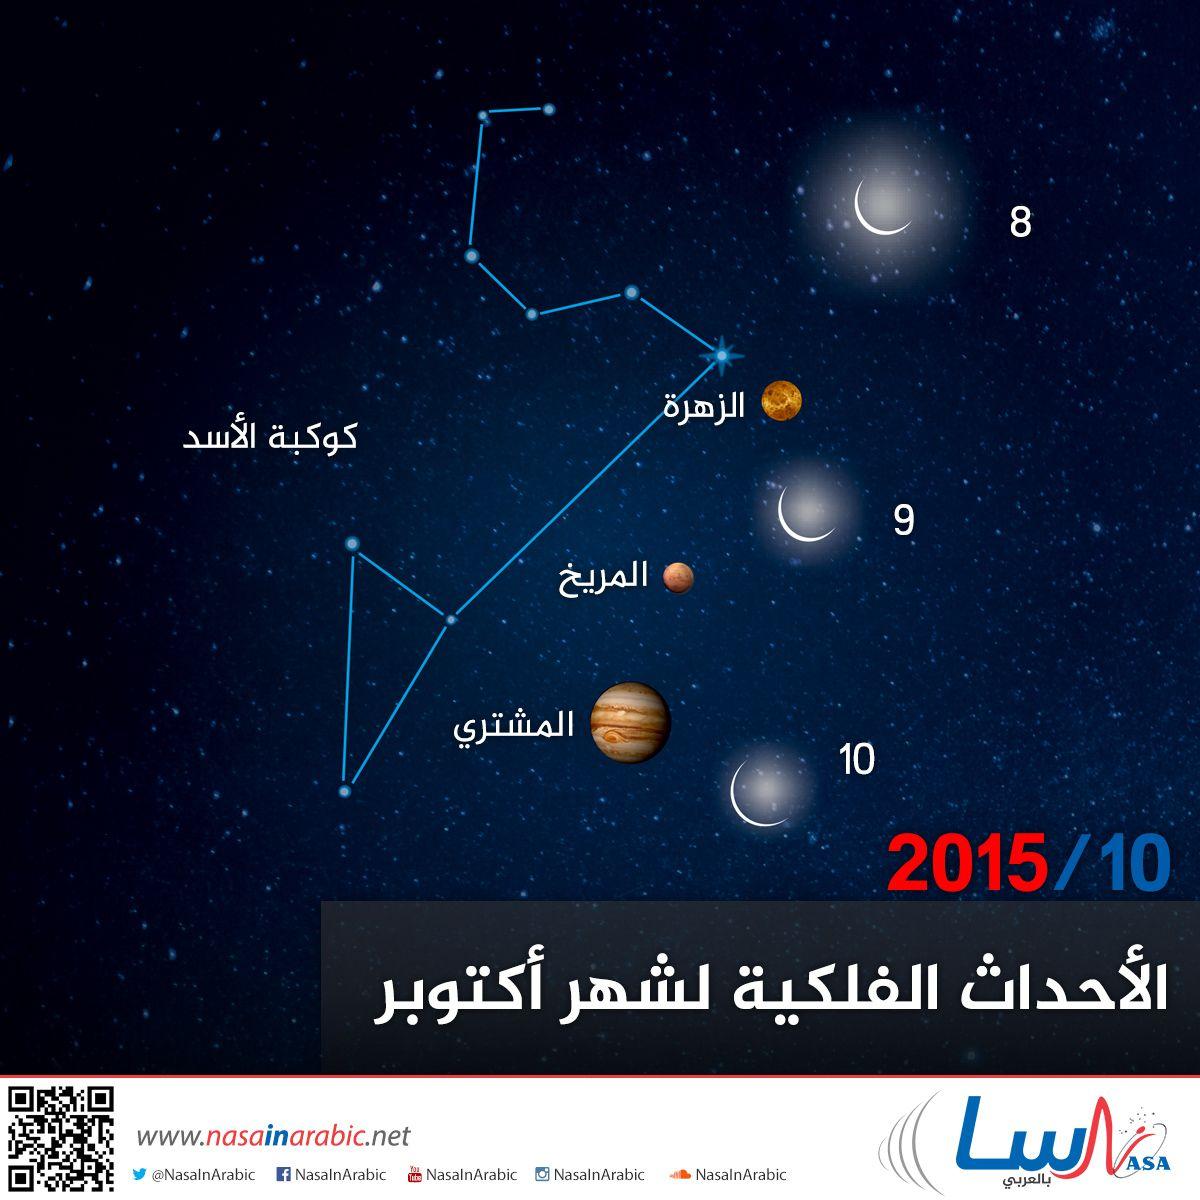 أهم الأحداث الفلكية خلال شهر تشرين الأول أكتوبر 2015 Night Skies Universe Movie Posters